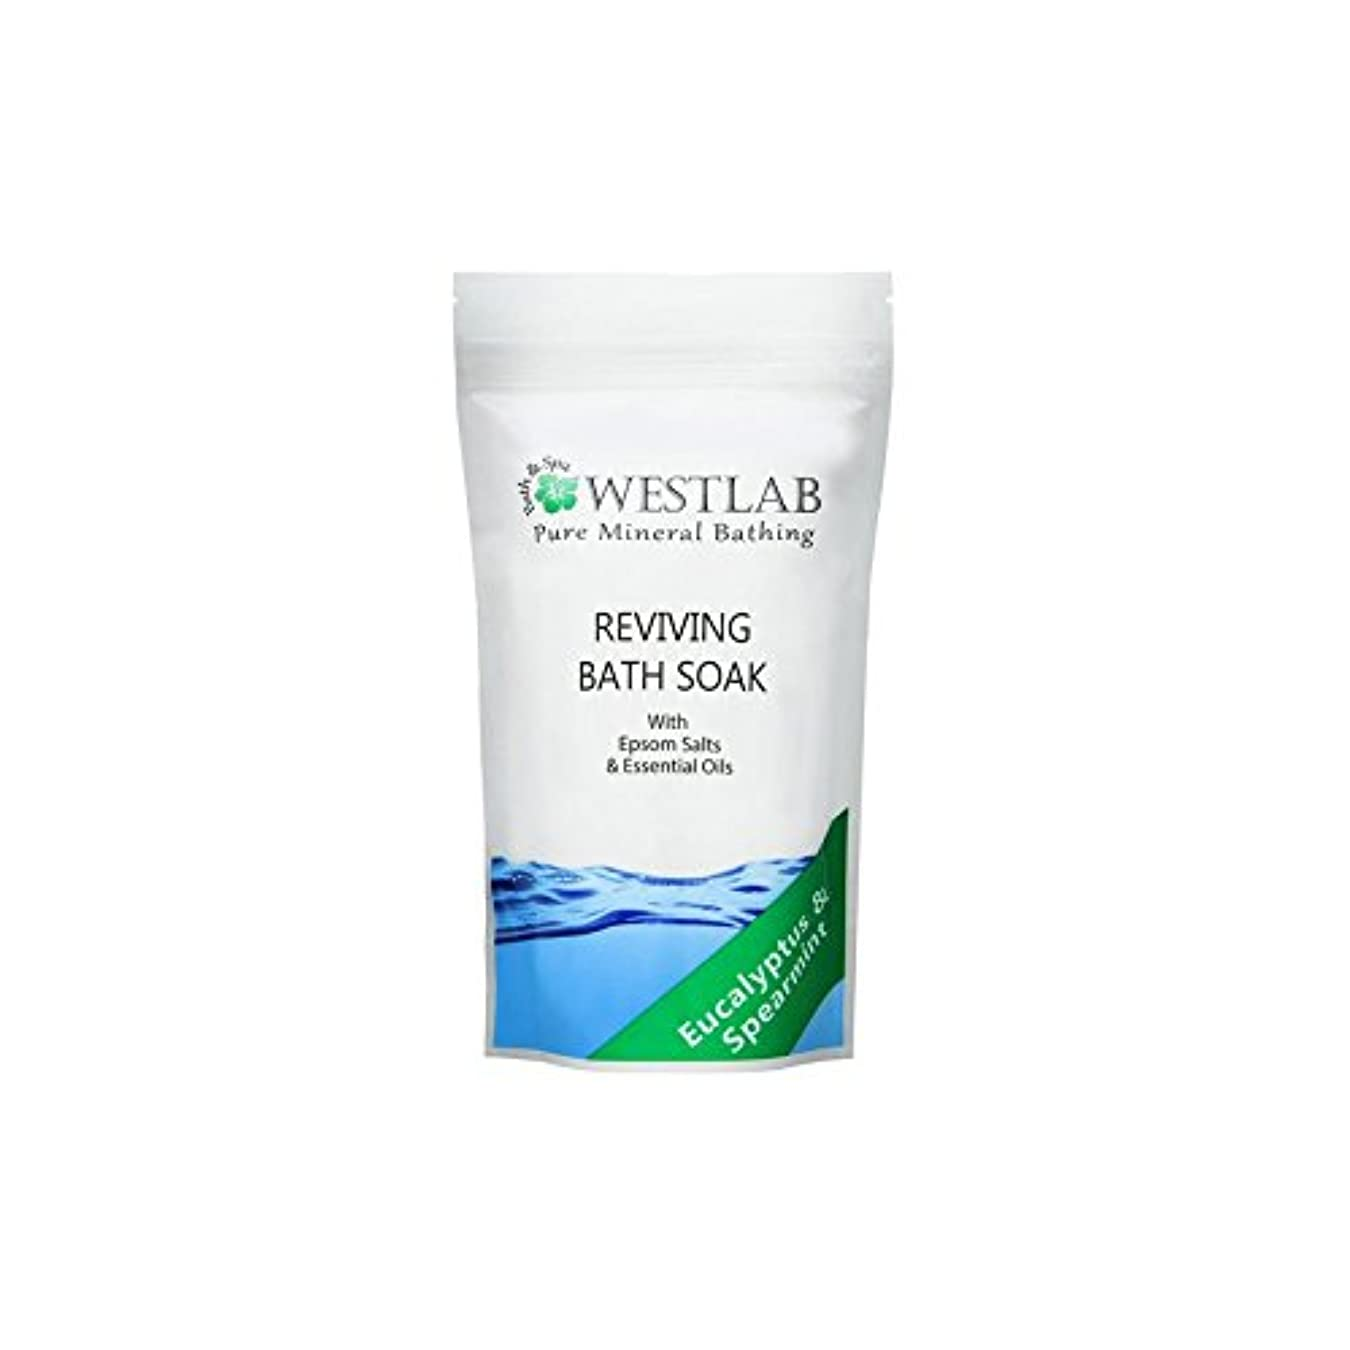 つぼみ砦バース(500グラム)をソークエプソム塩浴を復活させます x4 - Westlab Revive Epsom Salt Bath Soak (500g) (Pack of 4) [並行輸入品]